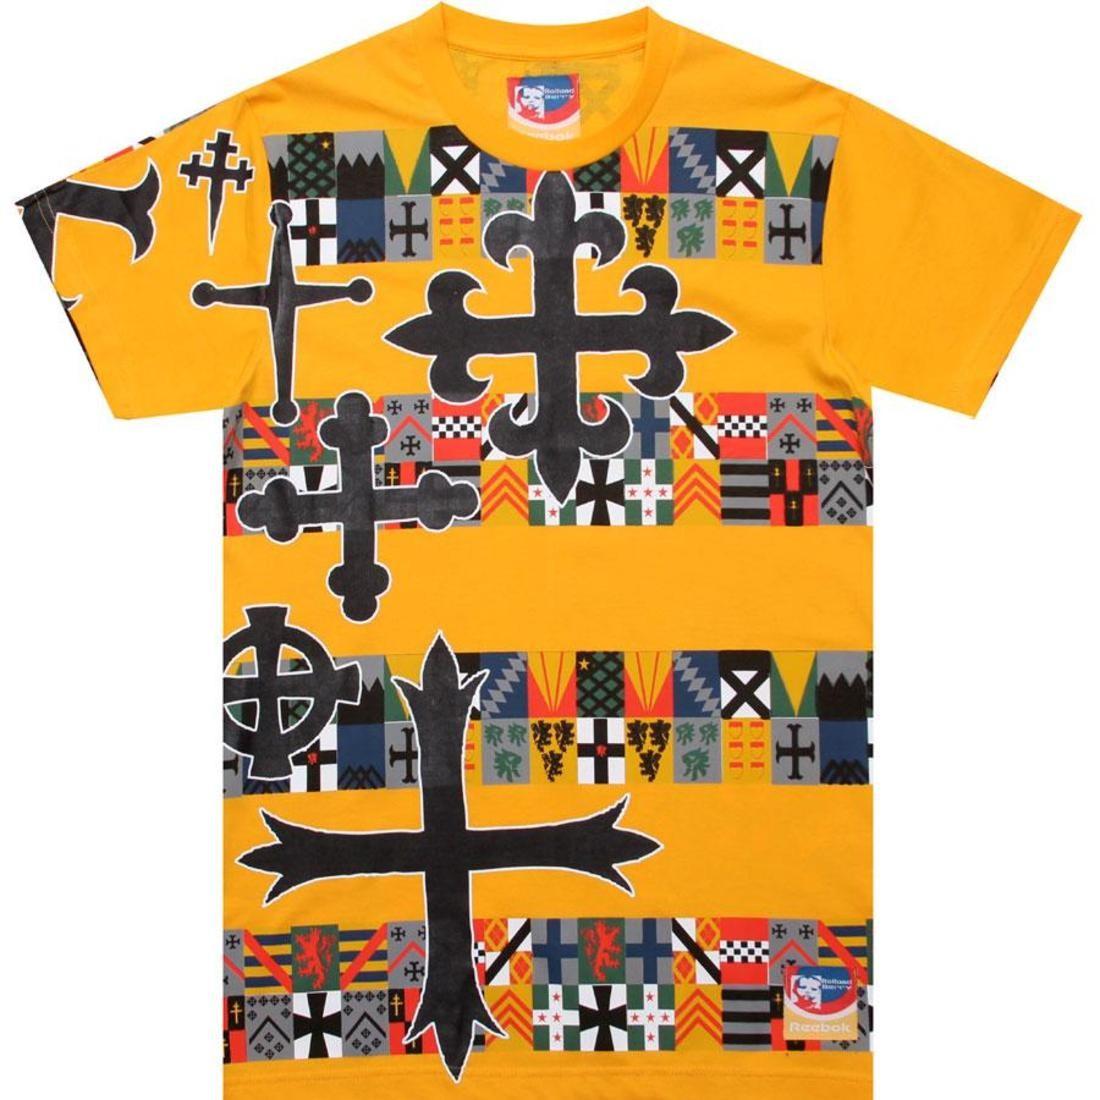 リーボック REEBOK リーボック グラフィック Tシャツ 橙 オレンジ 【 REEBOK ORANGE X ROLLAND BERRY LONDON CROSS GRAPHIC TEE 】 メンズファッション トップス Tシャツ カットソー